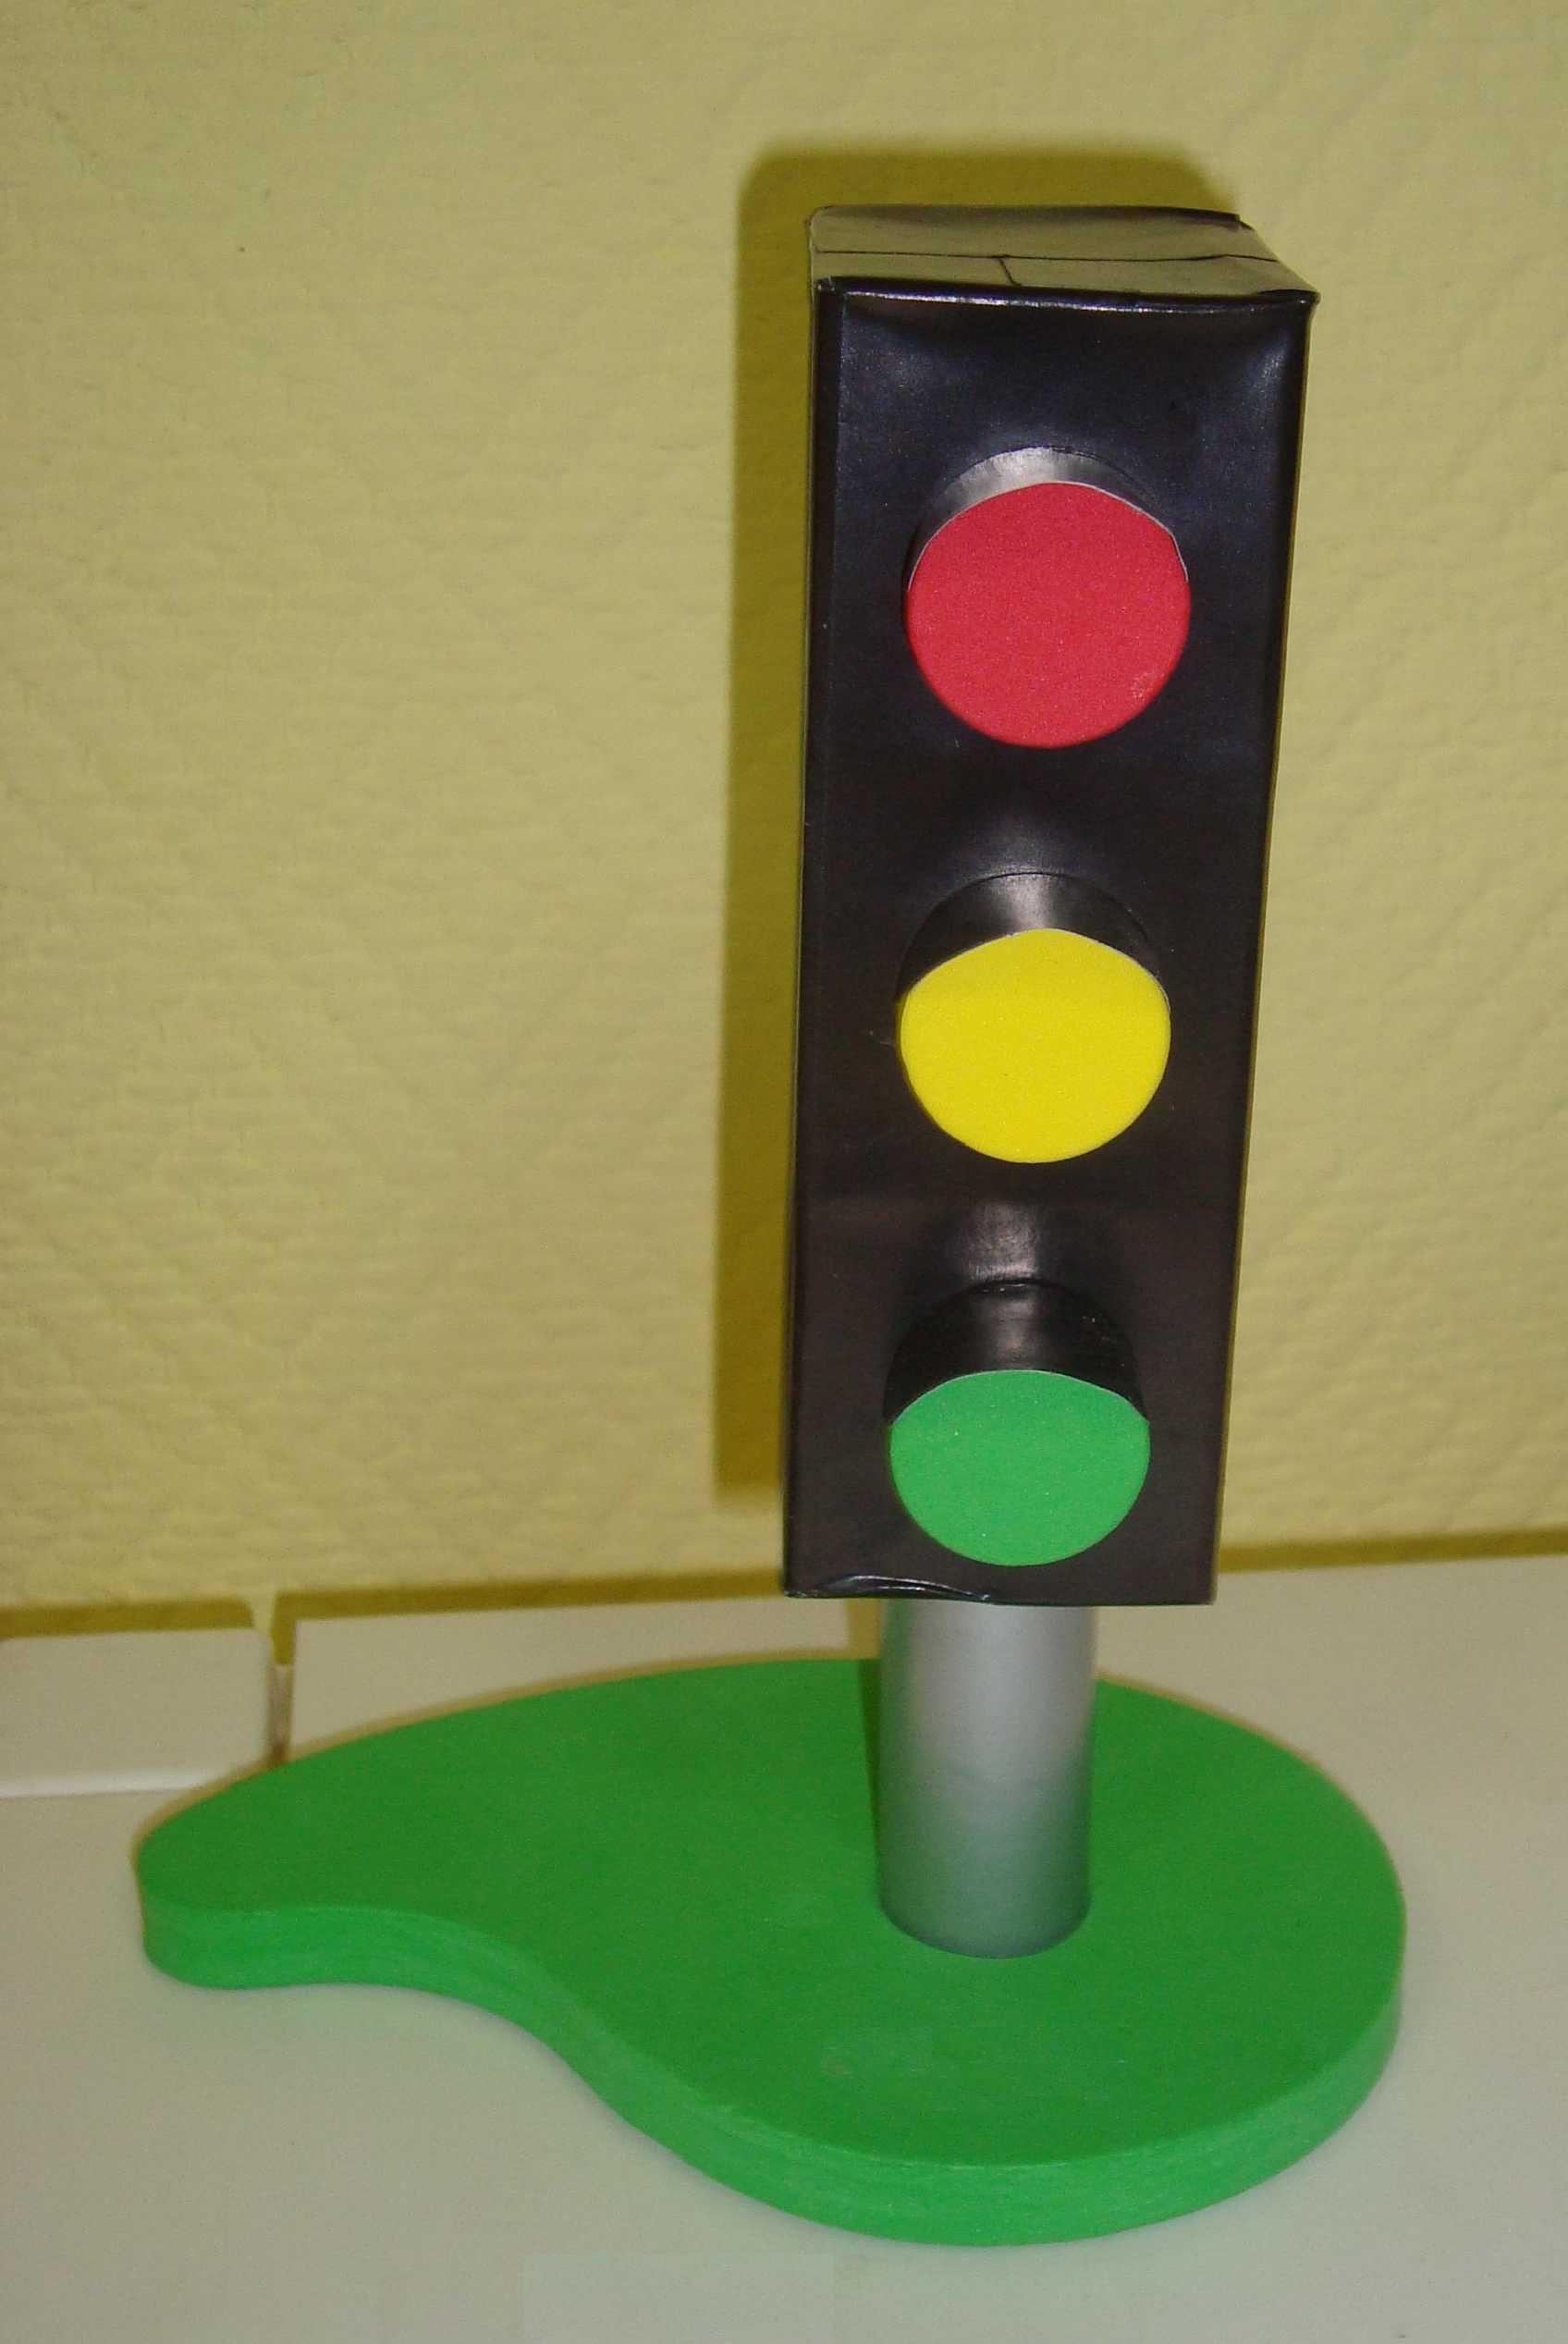 Какие бывают светофоры?